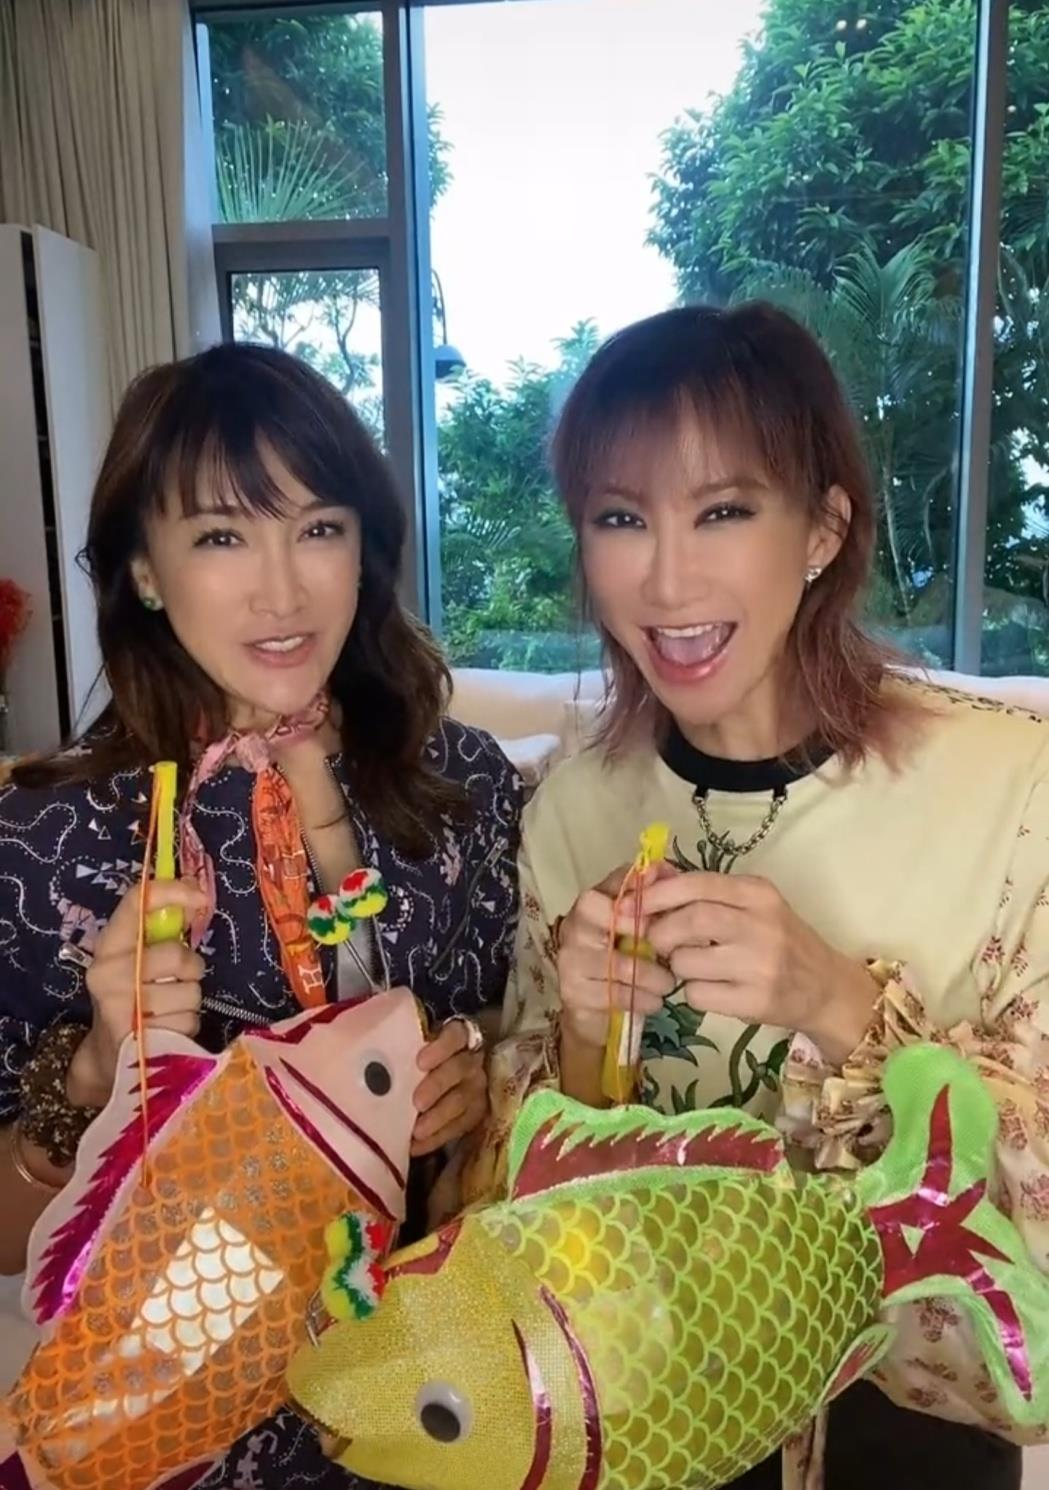 46岁李玟罕晒近况,与二姐一同出镜恰似双胞胎,背后豪宅不测暴光